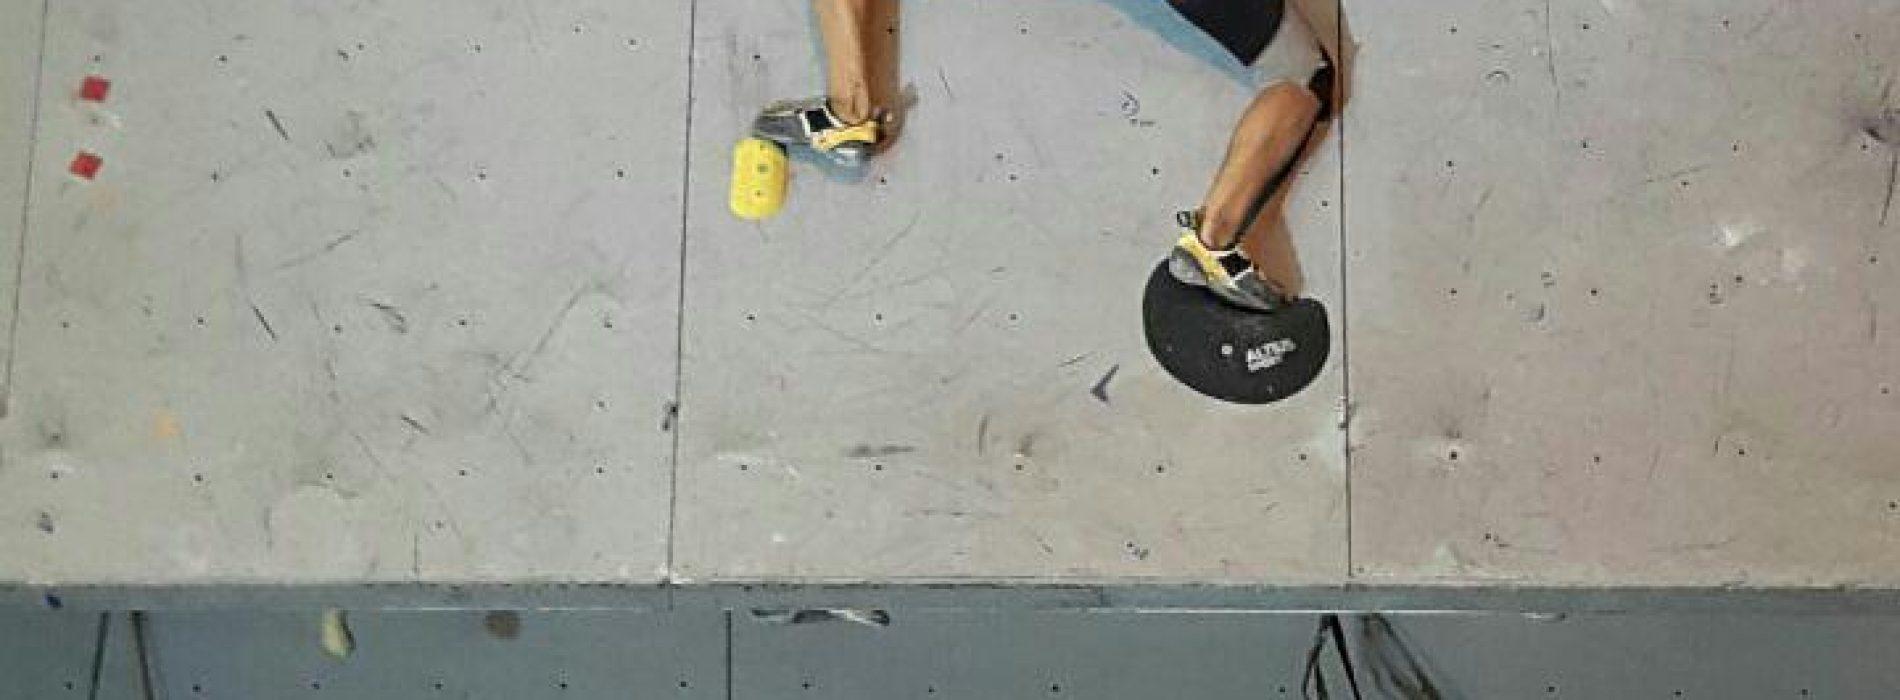 🔺نتایج مسابقات سنگنوردی قهرمانی استان لرستان در رشته بلدرینگ